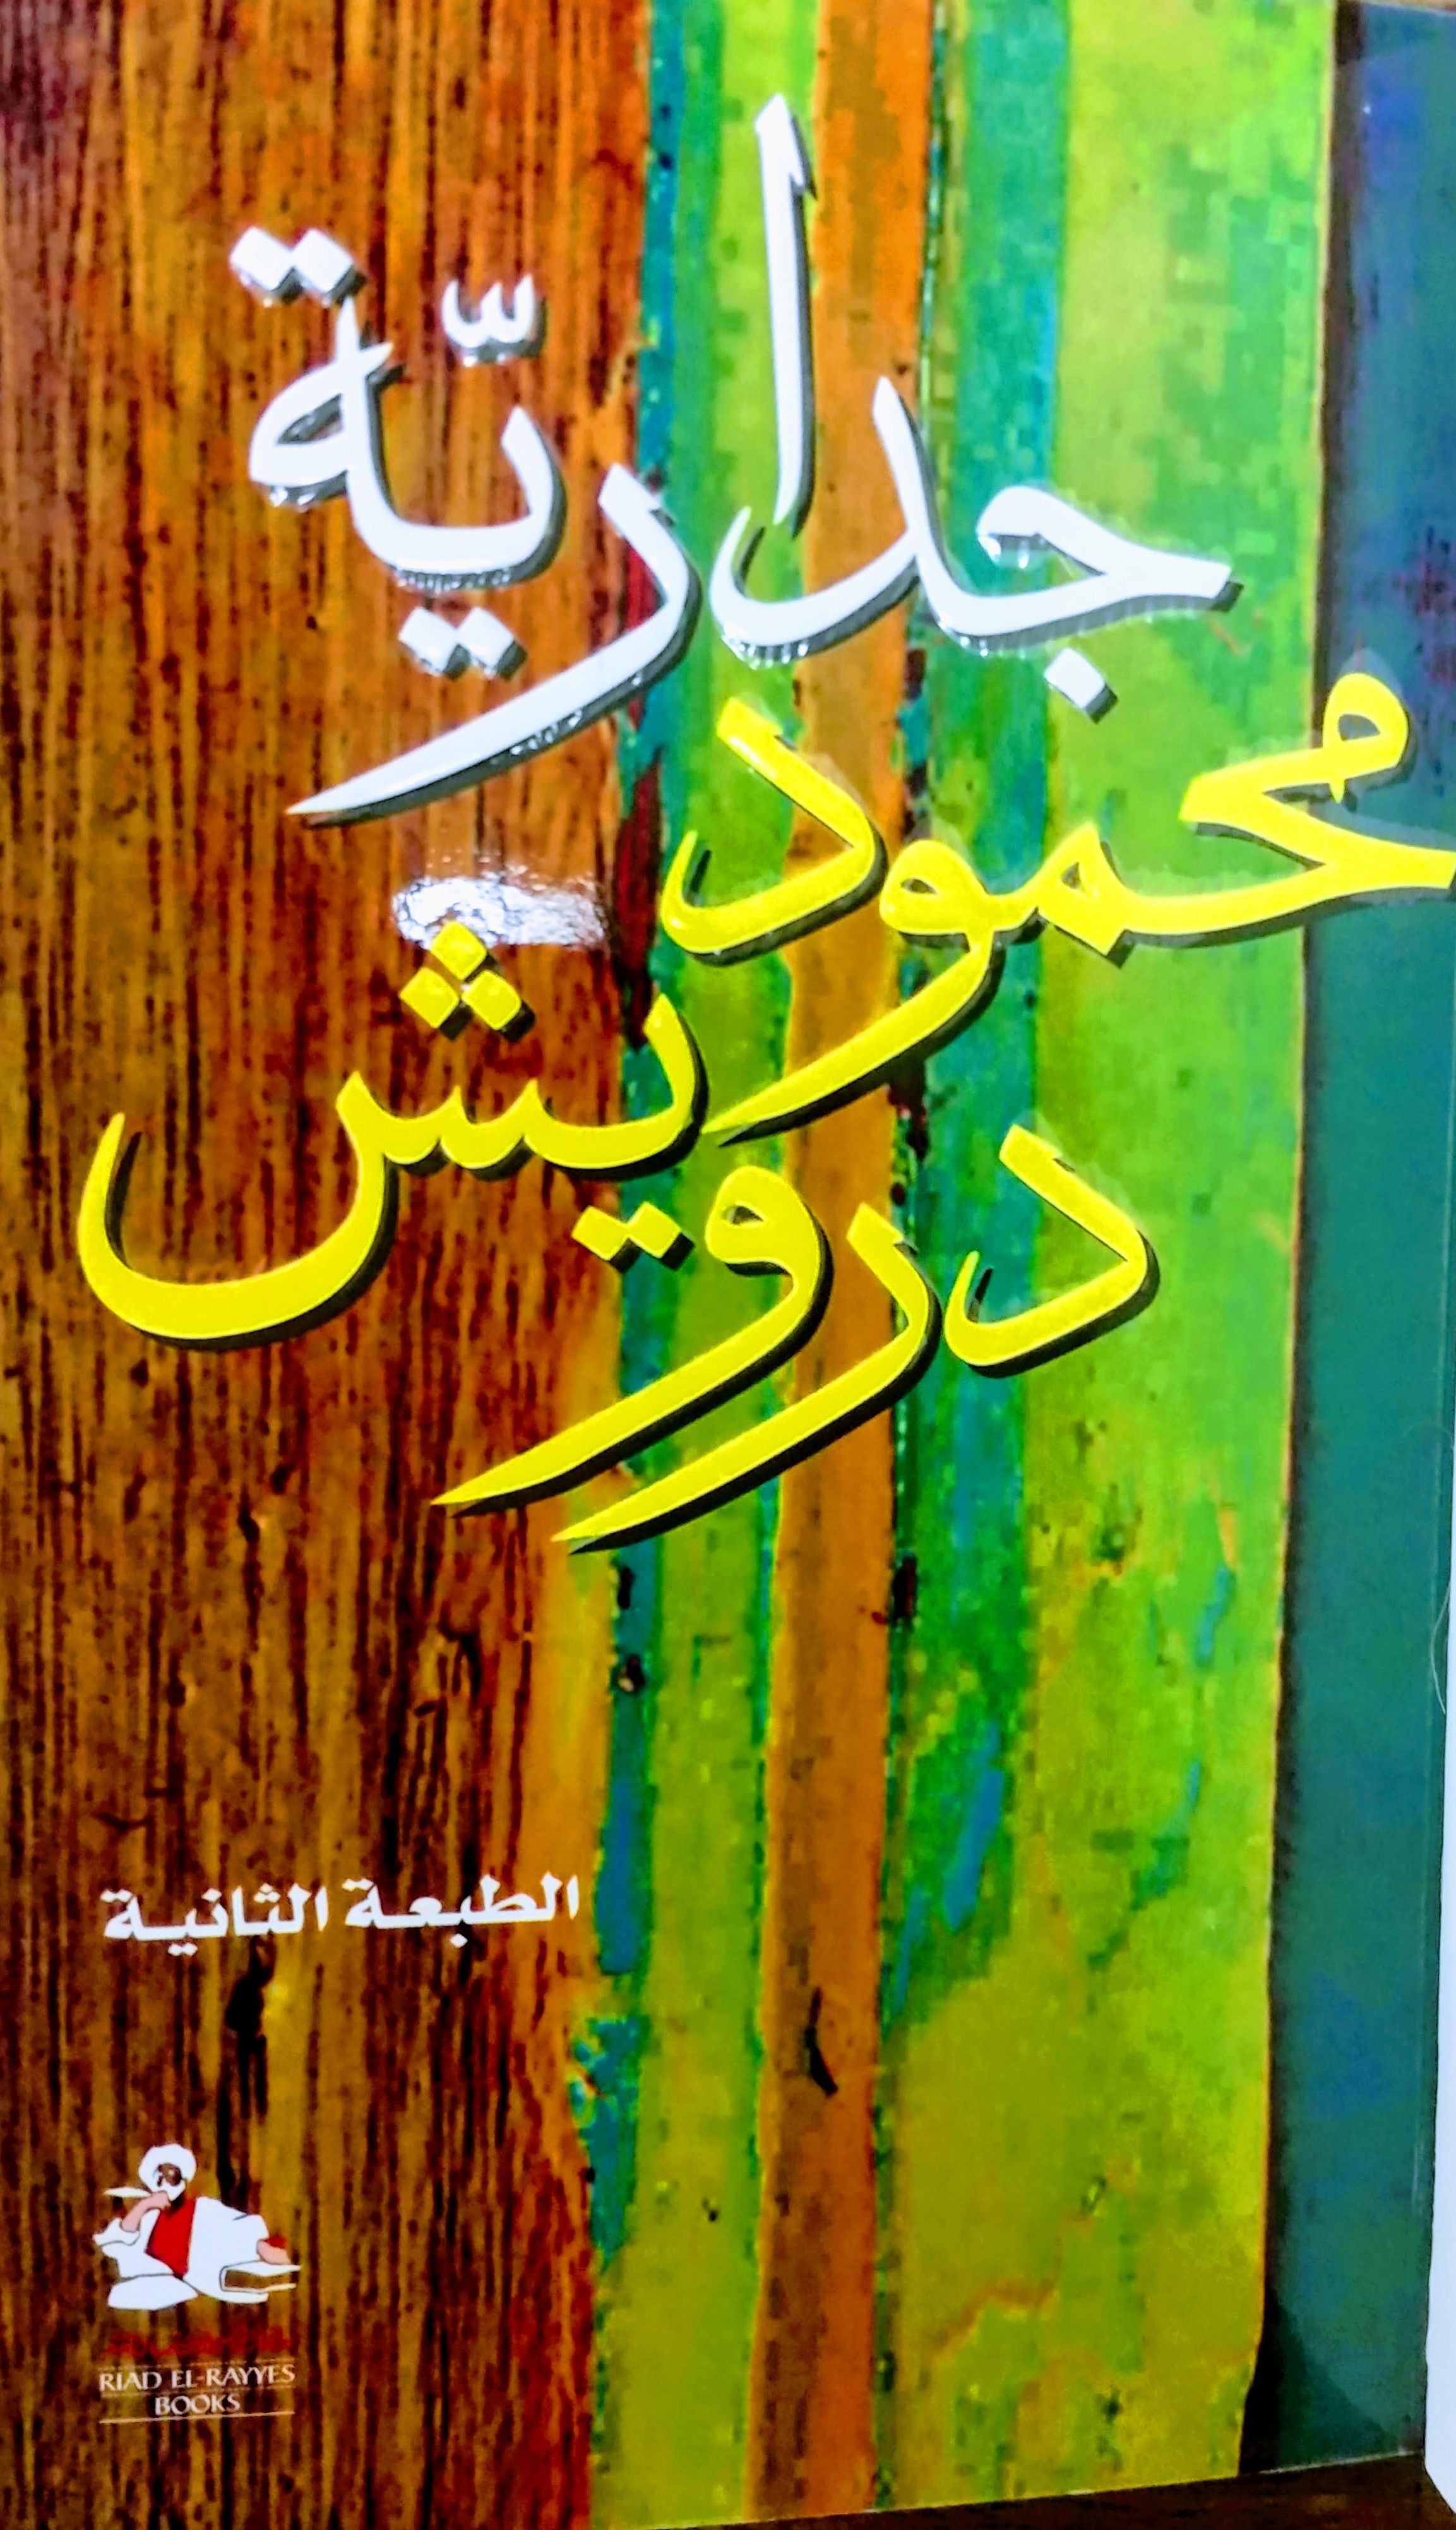 Jidārīyat Maḥmūd Darwīsh : qaṣīdah kutibat ʻām 1999 (Bayrūt: Riyāḍ al-Rayyis li-l-Kutub wa-l-Nashr, 2000).